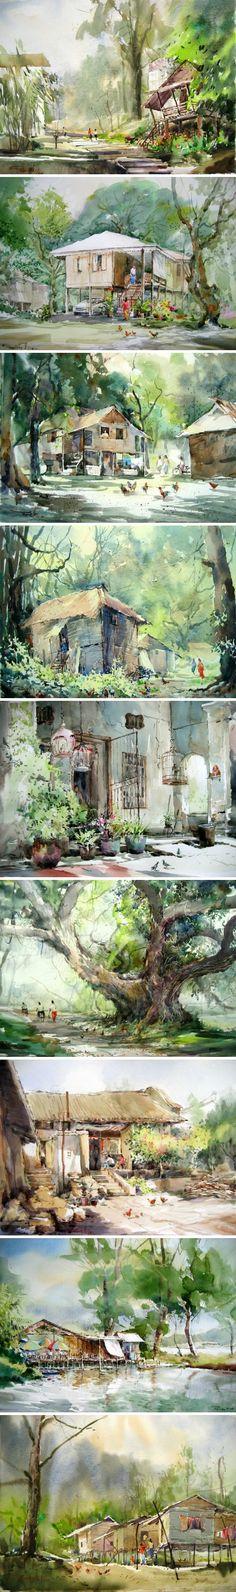 一直感觉只有水彩才能如此淋漓的表现出时光的那种柔软与细腻,作品来自马来西亚水彩画家Phang Chew~